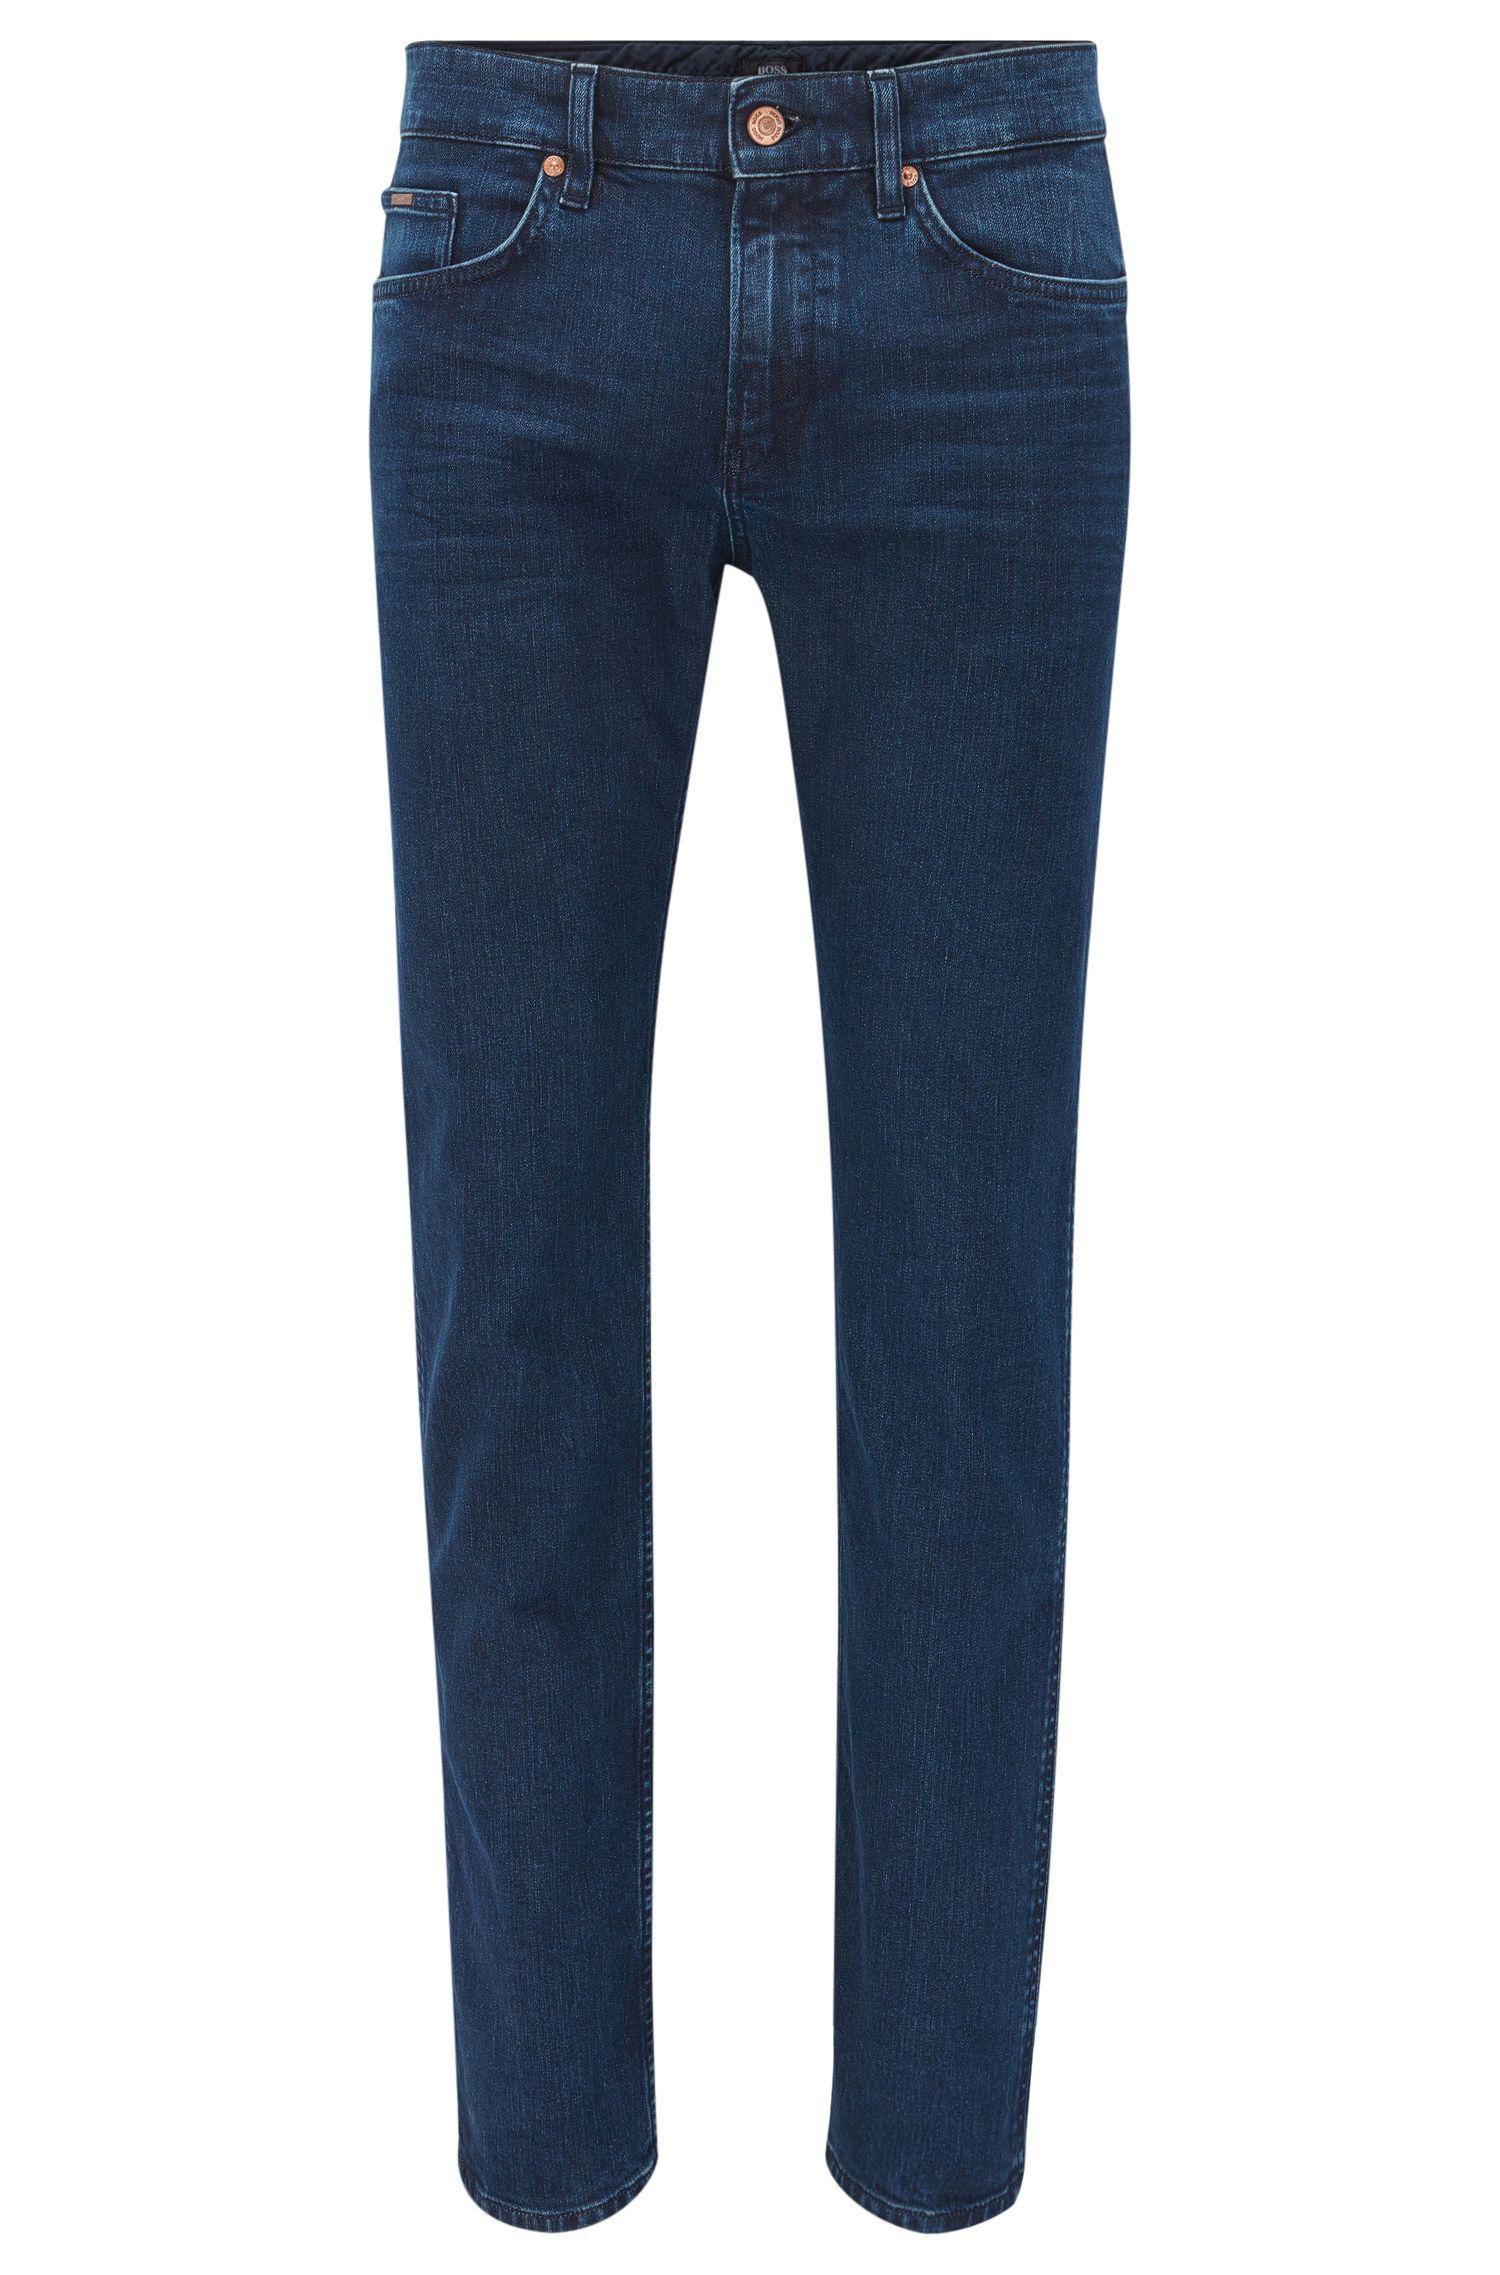 Jeans Slim Fit en denim indigo foncé stretch, au délavage moyen